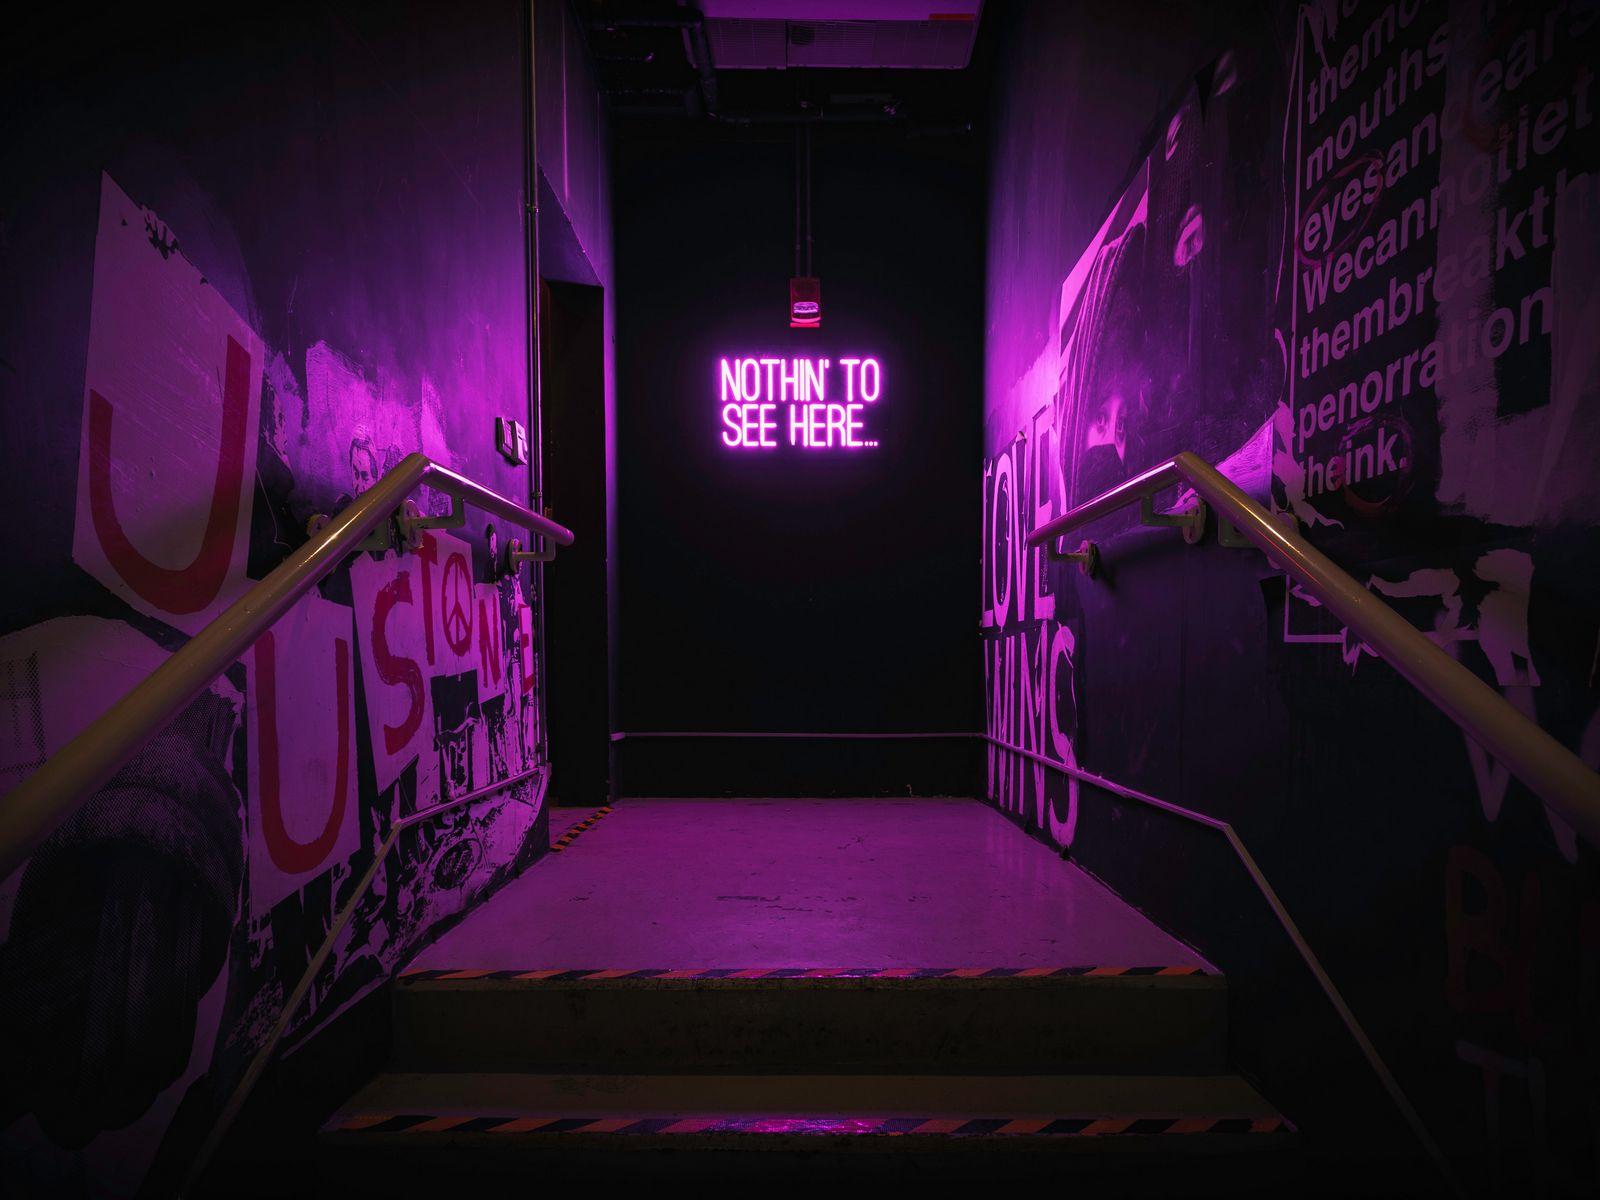 1600x1200 Обои неон, надпись, стена, фиолетовый, подсветка